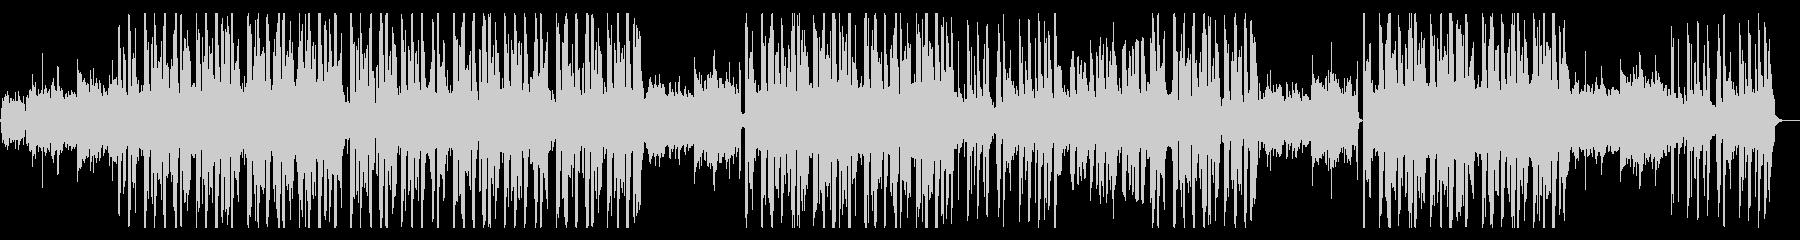 ピアノ,おしゃれ切ないエモHIP HOPの未再生の波形